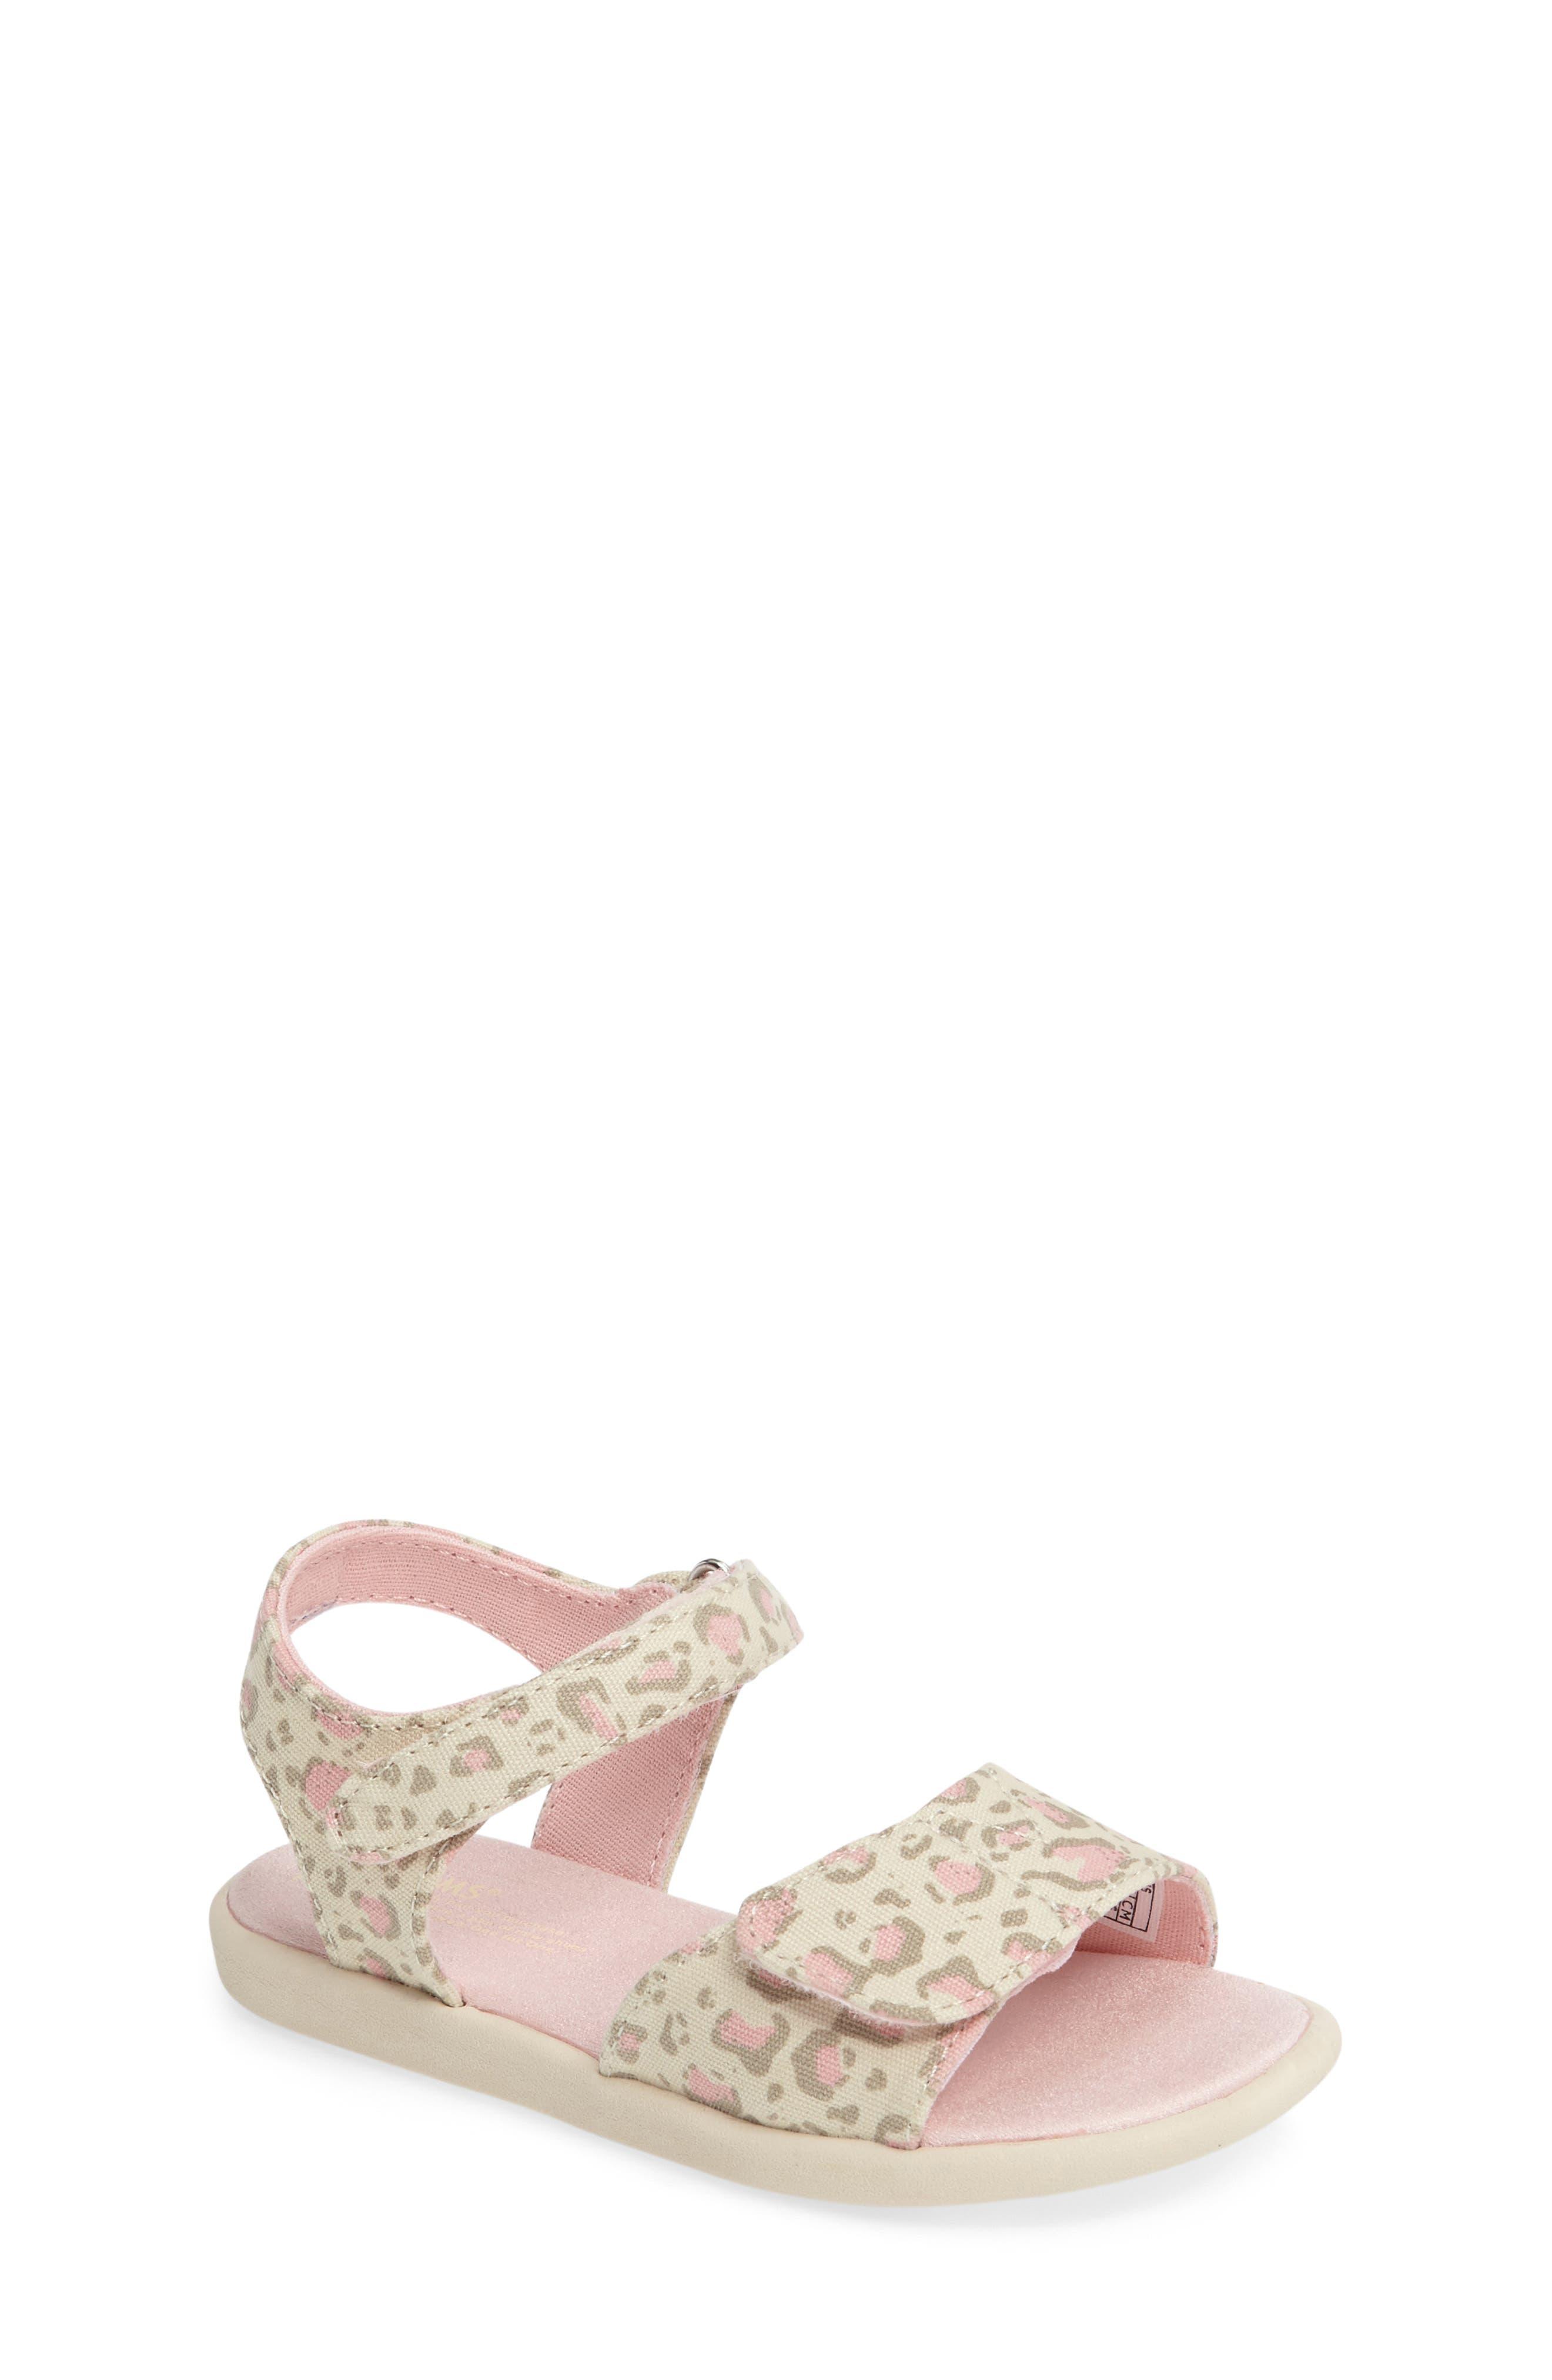 TOMS 'Strappy' Sandal (Baby, Walker & Toddler)